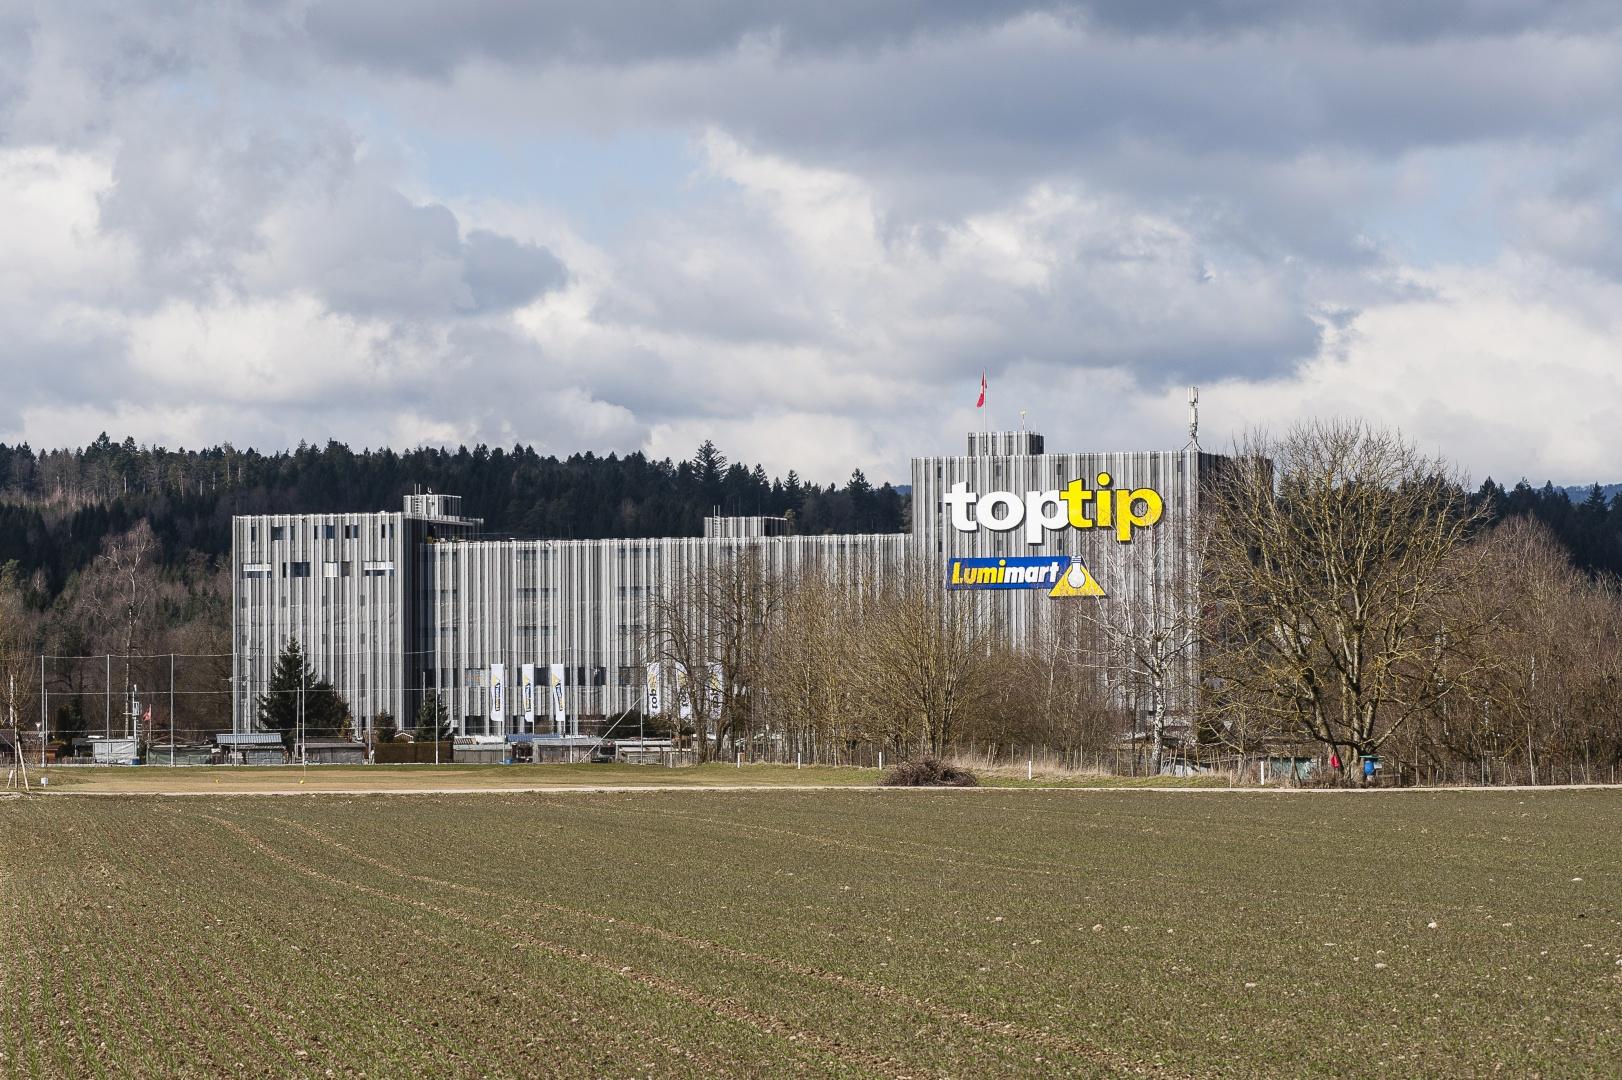 kmar.ch-toptip-Fern-01 © www.christianhelmle.ch